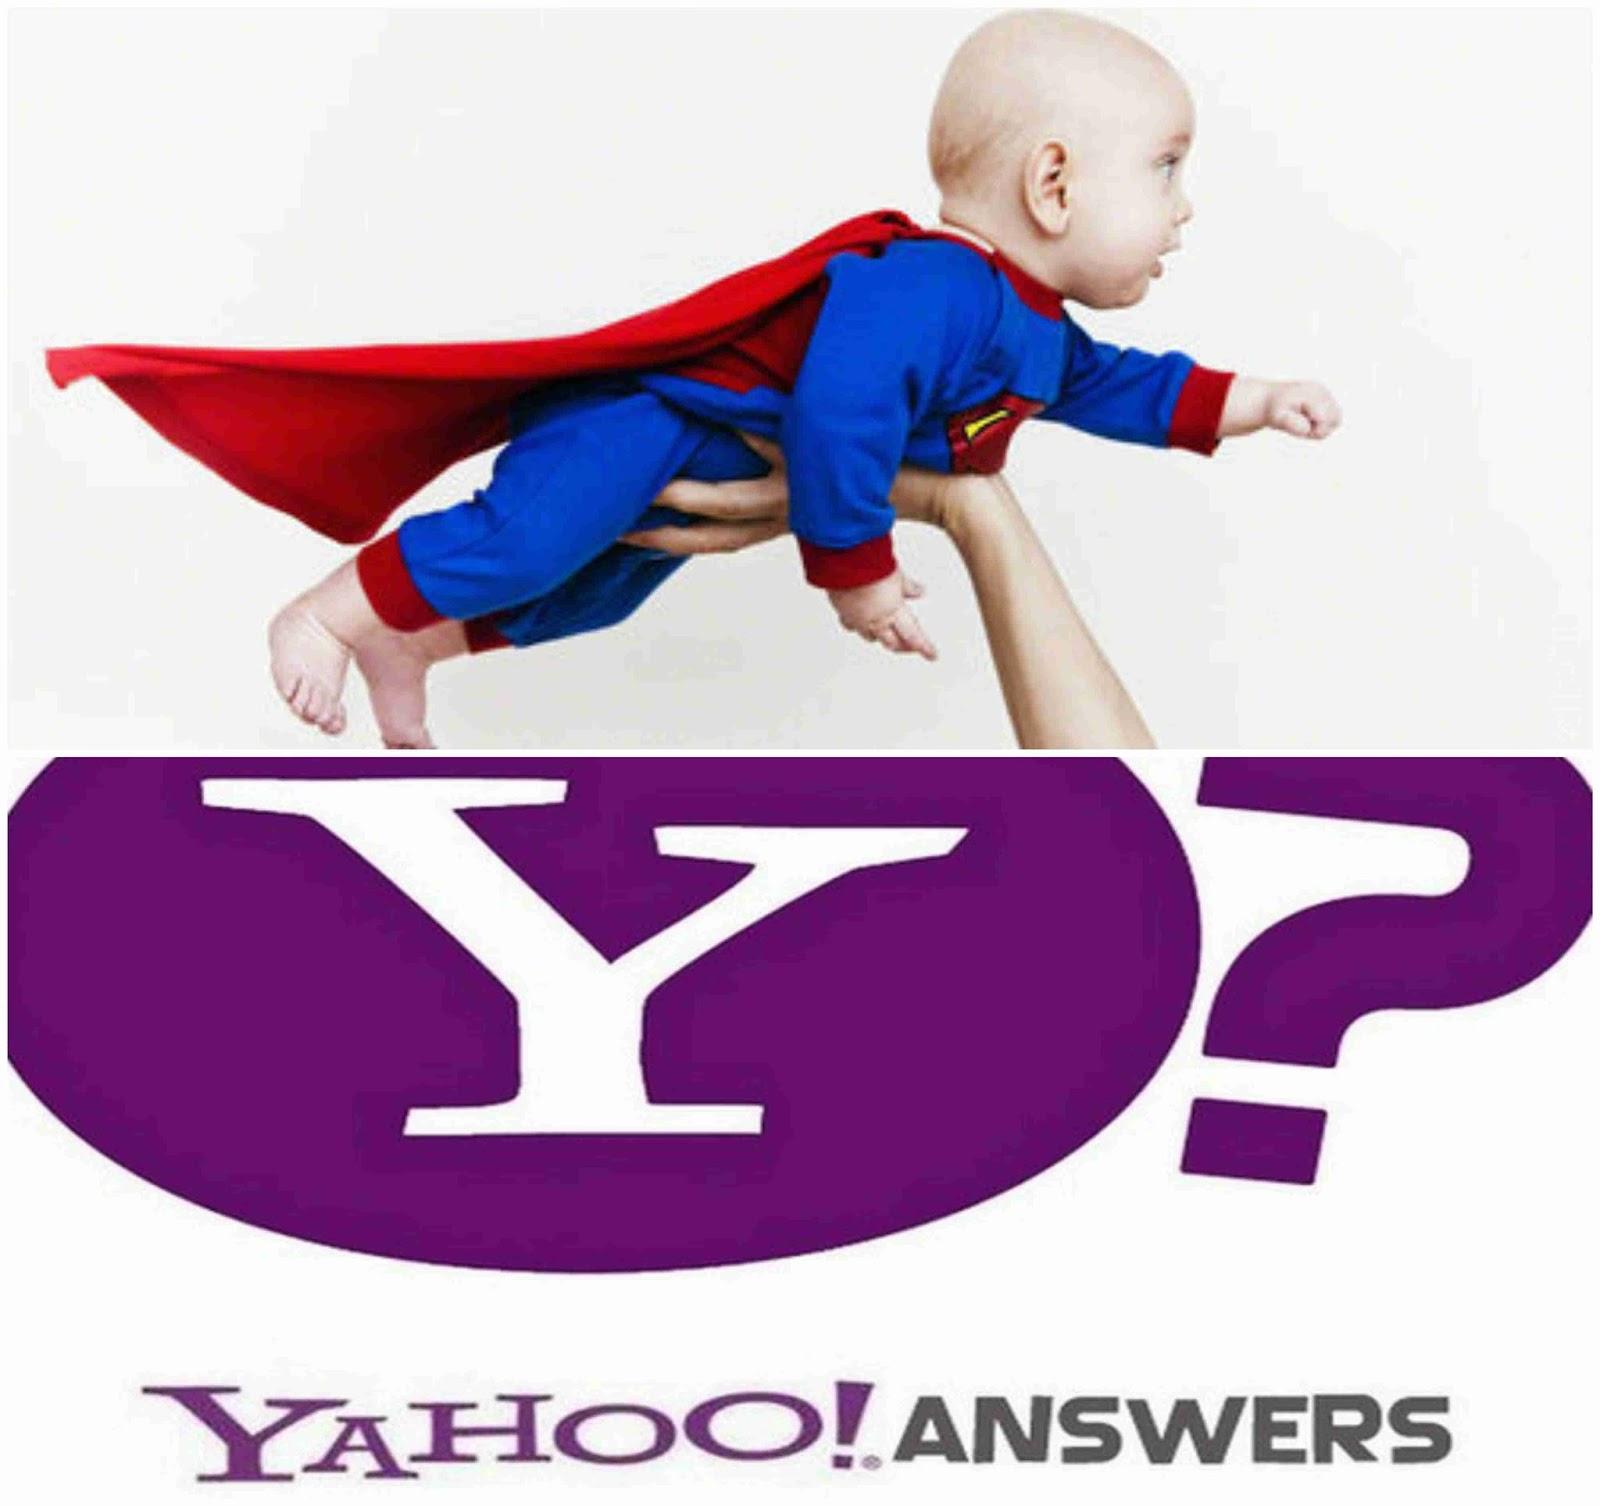 14 anni di età dating Yahoo